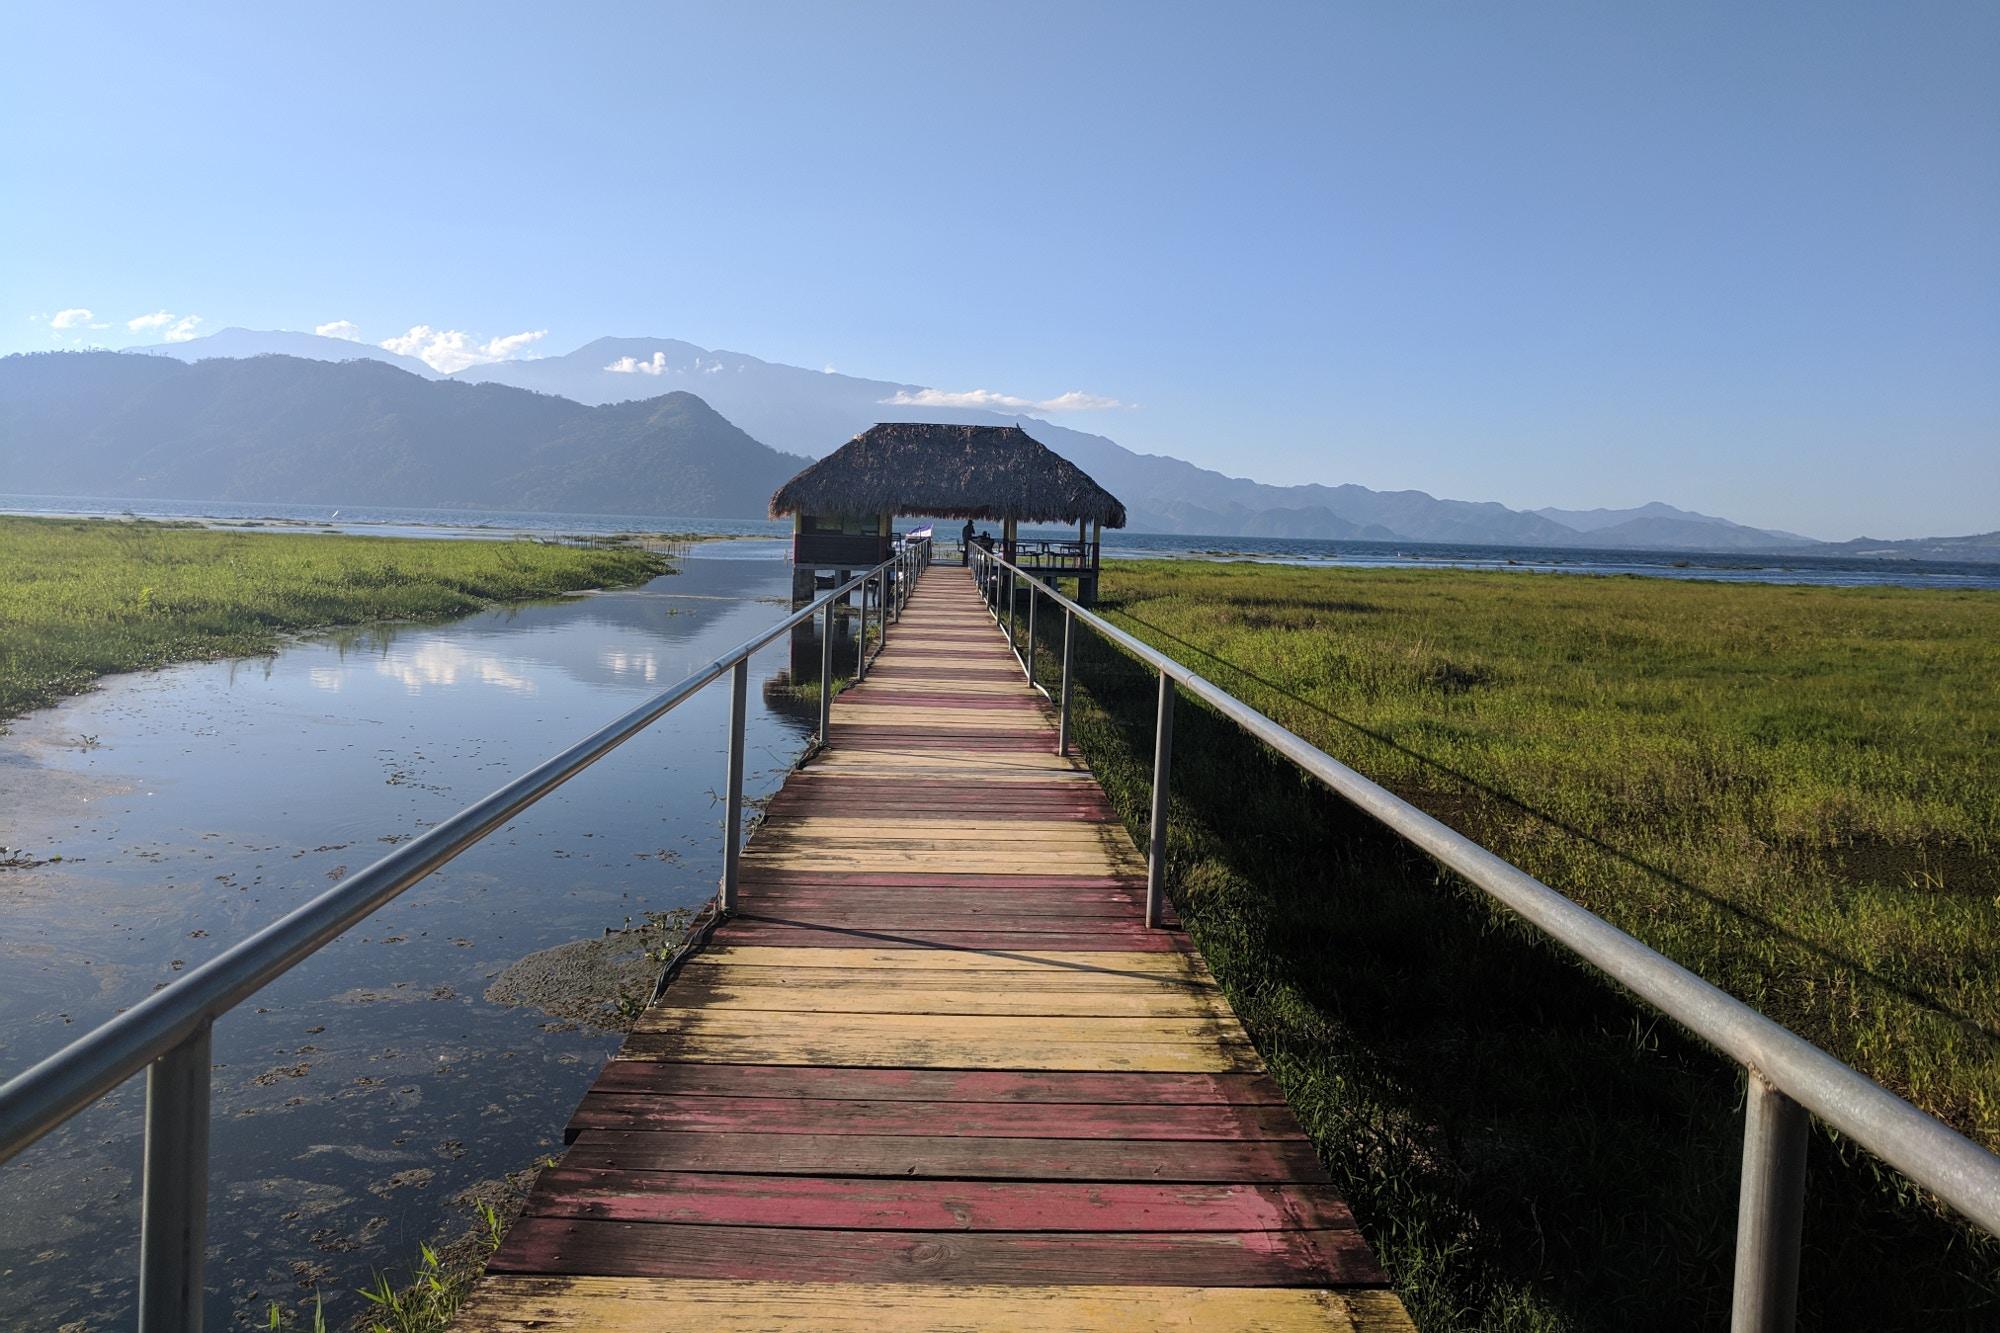 A view across Lake Yojoa